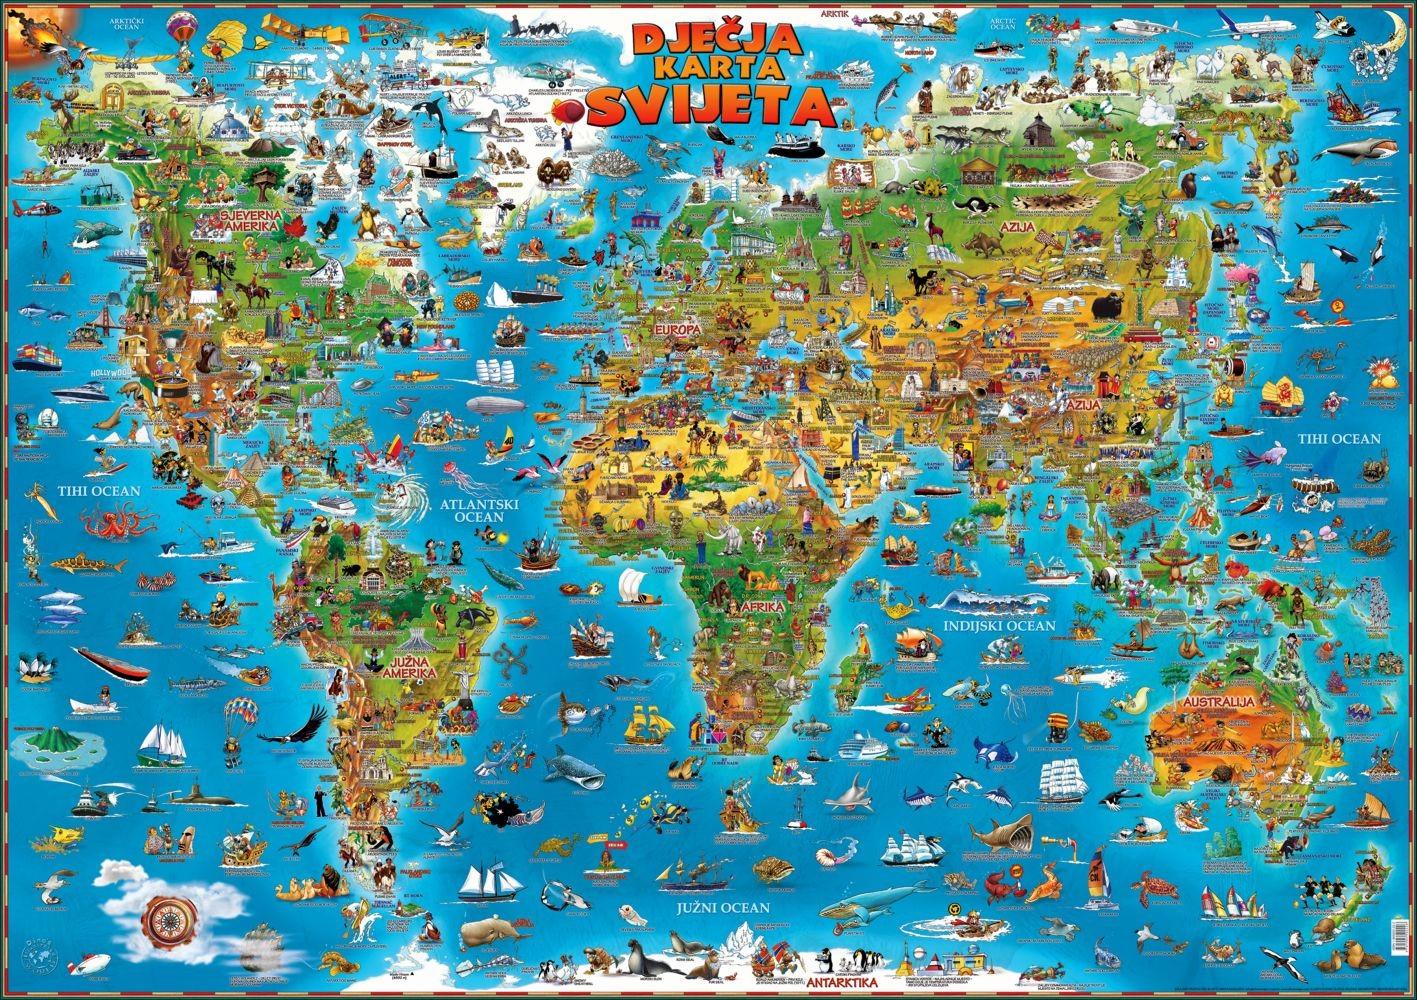 Dječja karta svijeta